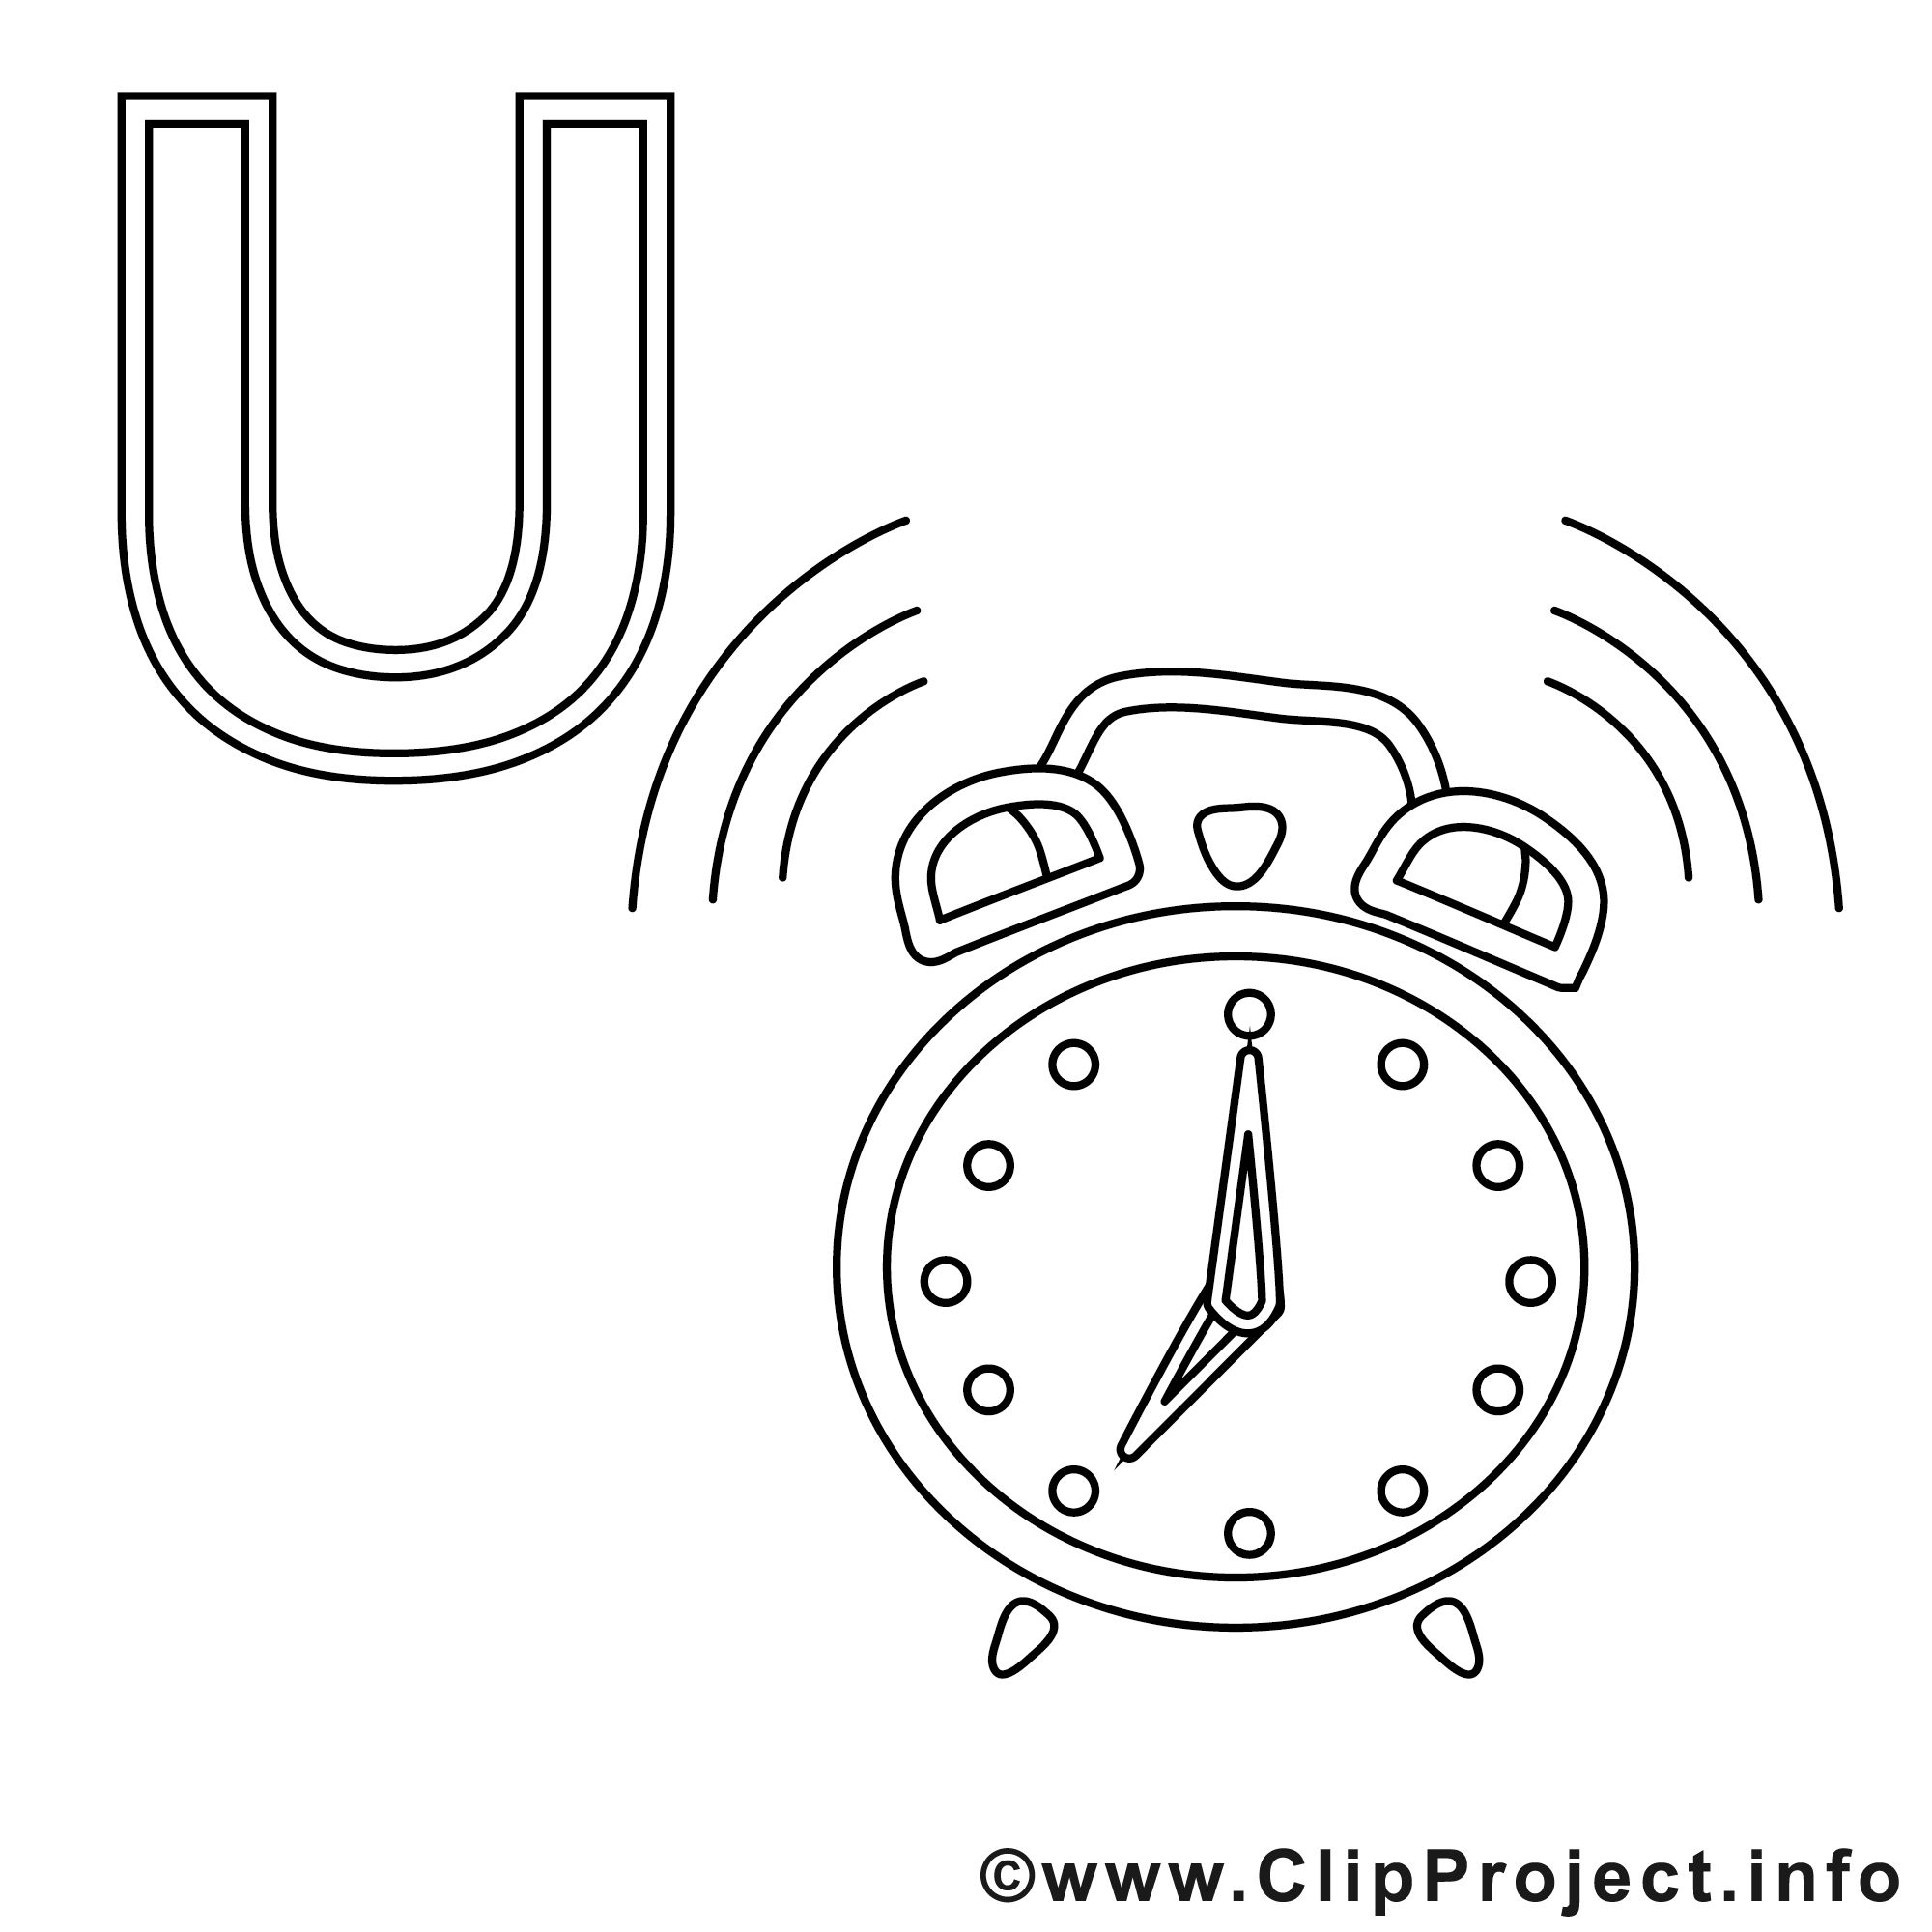 Peter Pan Und Tinkerbell Ausmalbilder : Uhr Ausmalbild Buchstaben 239 Malvorlage Uhr Ausmalbilder Kostenlos